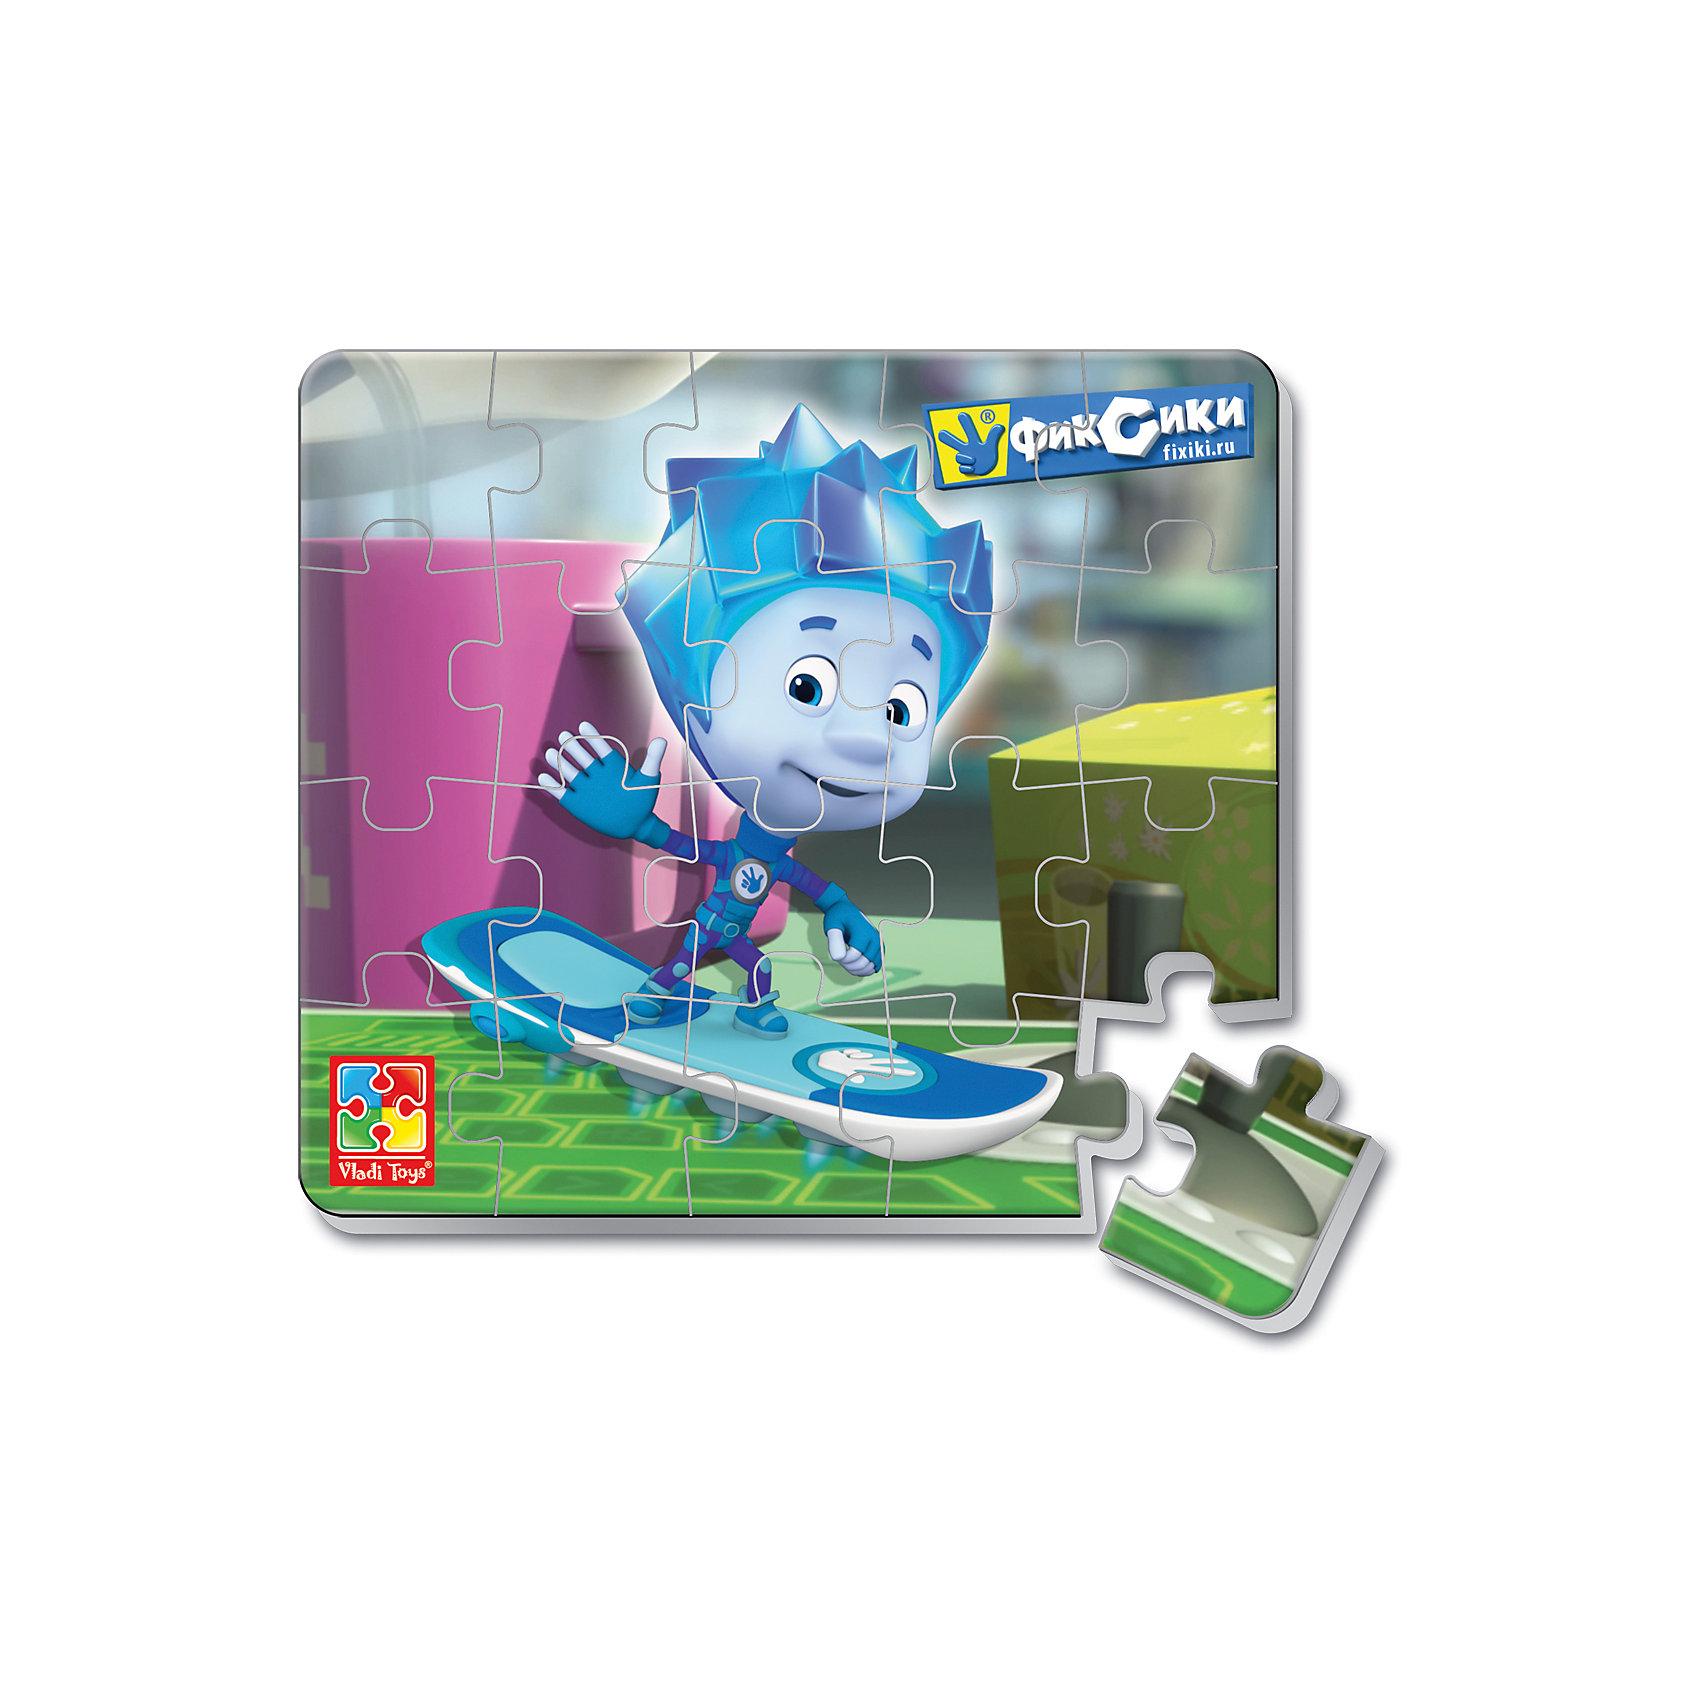 Мягкие магнитные пазлы в стакане Нолик, Фиксики, Vladi ToysКоличество деталей<br>Характеристики:<br><br>• Вид игр: развивающие<br>• Серия: пазлы-магниты<br>• Пол: универсальный<br>• Материал: полимер, картон, магнит<br>• Цвет: голубой, желтый, зеленый и др.<br>• Комплектация: 1 пазл из 20-ти элементов, магнит<br>• Размеры (Д*Ш*В): 7,5*7,5*11 см<br>• Тип упаковки: пластиковый стаканчик<br>• Вес: 37 г<br><br>Мягкие магнитные пазлы в стакане Нолик, Фиксики, Vladi Toys, производителем которых является компания, специализирующаяся на выпуске развивающих игр, давно уже стали популярными среди аналогичной продукции. Мягкие пазлы – идеальное решение для развивающих занятий с самыми маленькими детьми, так как они разделены на большие элементы с крупными изображениями, чаще всего в качестве картинок используются герои популярных мультсериалов. Самое важное в пазле для малышей – это минимум деталей и безопасность элементов. Все используемые в производстве материалы являются экологически безопасными, не вызывают аллергии, не имеют запаха. Мягкие магнитные пазлы в стакане Нолик, Фиксики, Vladi Toys представляют собой сюжетную картинку, которая состоит из 20-и магнитных элементов с изображением Нолика. <br>Занятия с мягкими пазлами от Vladi Toys способствуют развитию не только мелкой моторики, но и внимательности, усидчивости, терпению при достижении цели. Кроме того, по собранной картинке можно составлять рассказ, что позволит развивать речевые навыки, память и воображение.<br><br>Мягкие магнитные пазлы в стакане Нолик, Фиксики, Vladi Toys можно купить в нашем интернет-магазине.<br><br>Ширина мм: 75<br>Глубина мм: 75<br>Высота мм: 110<br>Вес г: 37<br>Возраст от месяцев: 24<br>Возраст до месяцев: 60<br>Пол: Унисекс<br>Возраст: Детский<br>SKU: 5136097